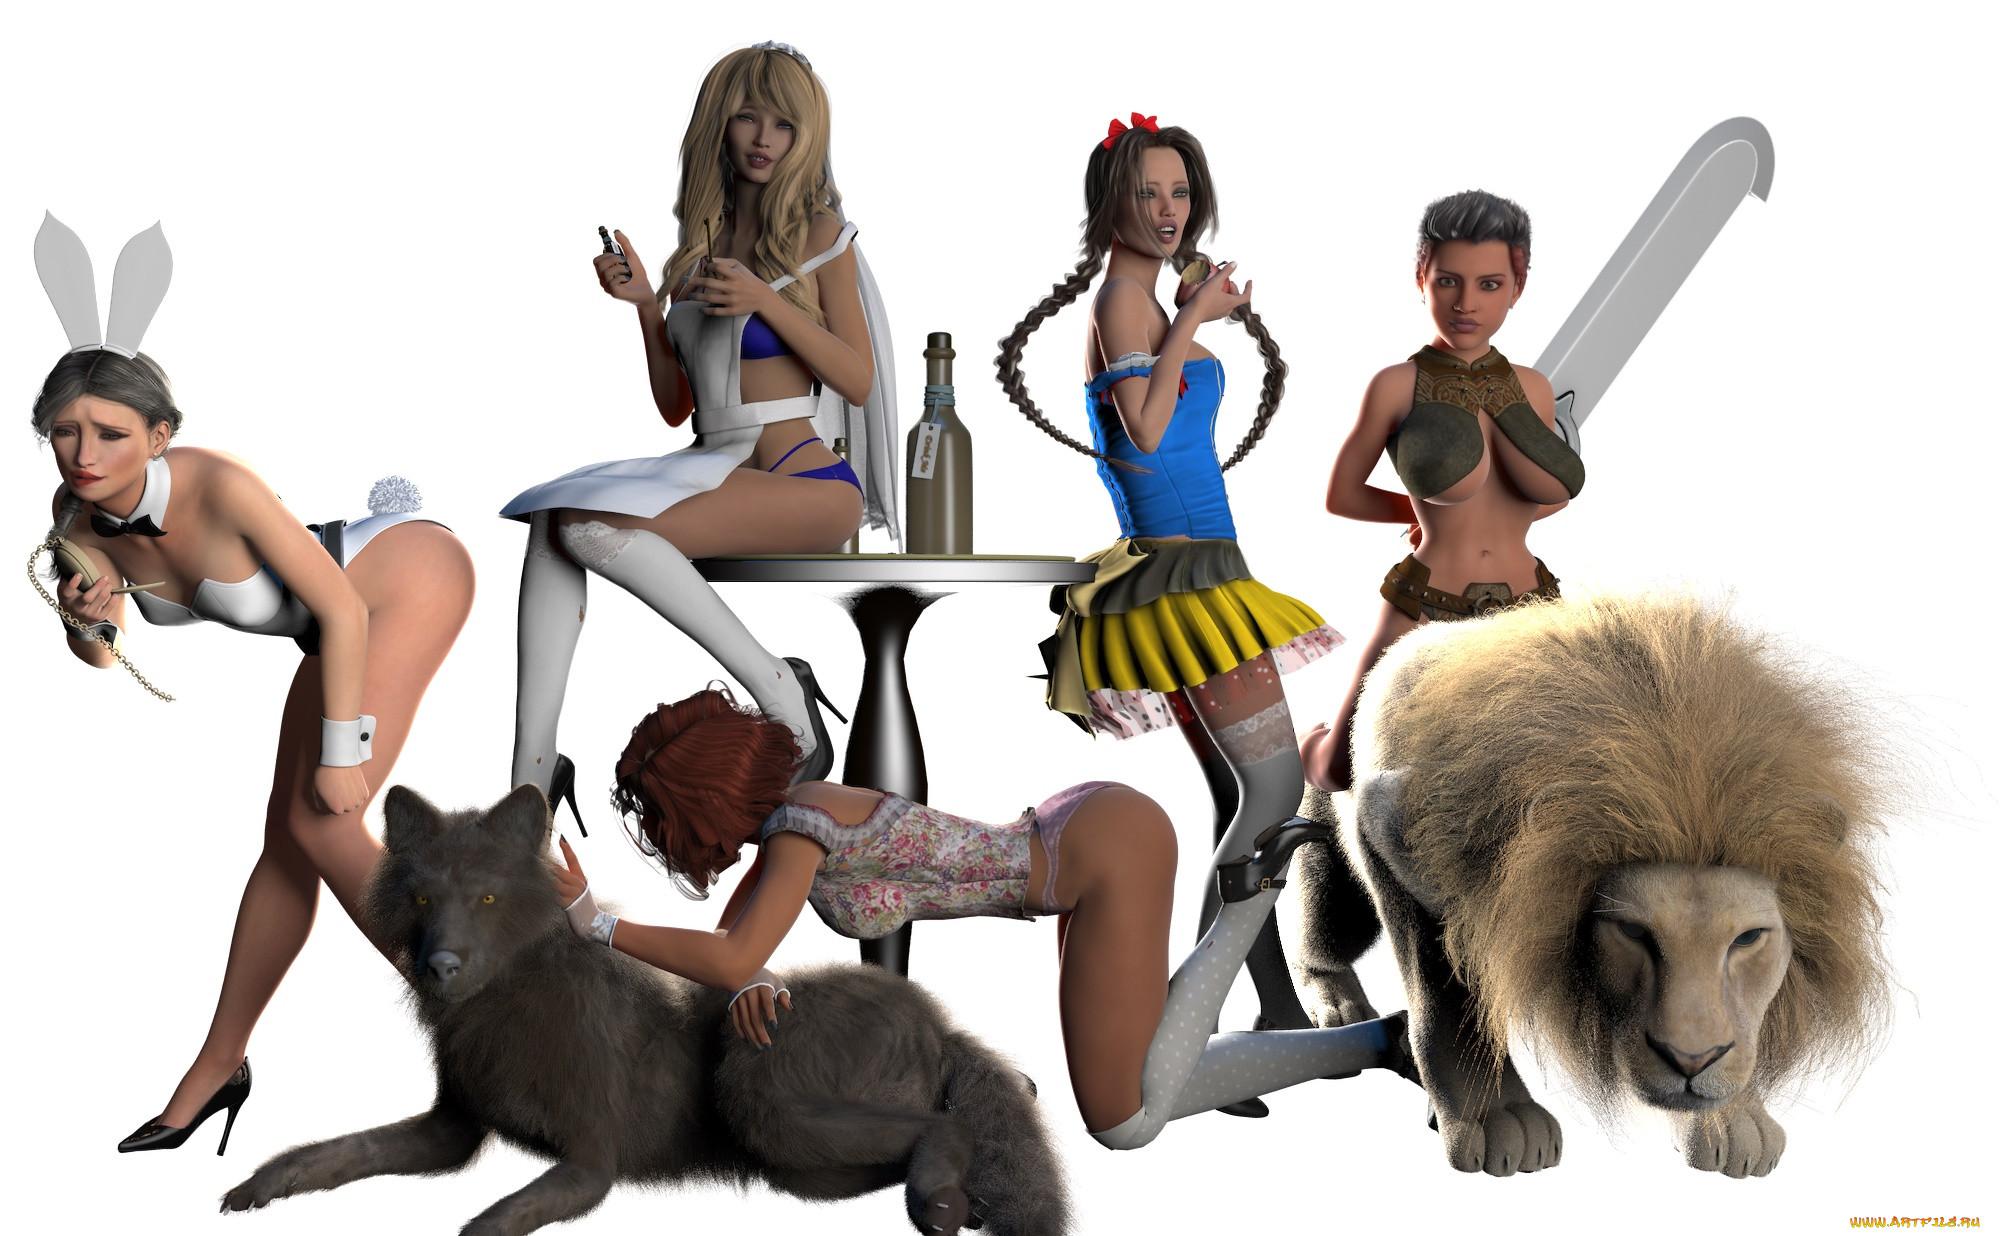 3д графика, люди и животные , people and animals, взгляд, девушки, фон, животные